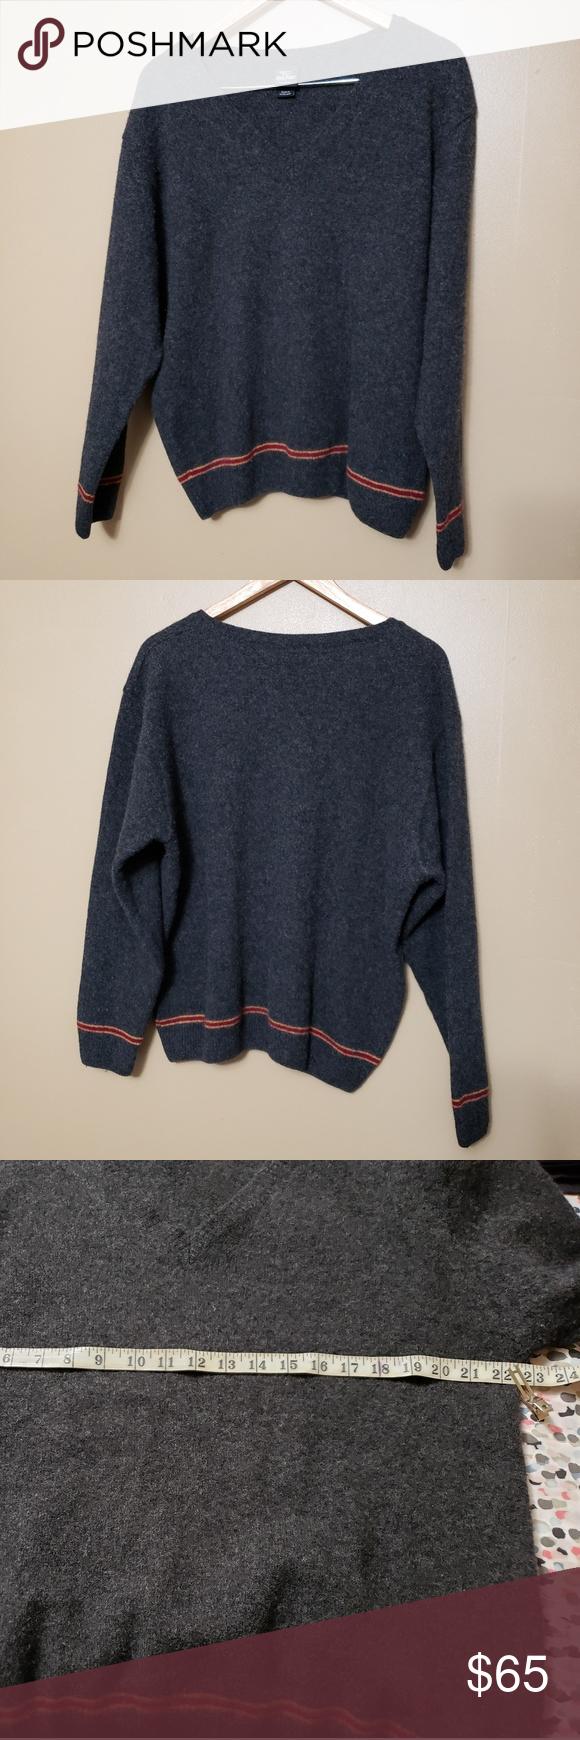 Universal Studios Harry Potter Gryffindor Sweater Sweaters Harry Potter Universal Studios Universal Studios [ 1740 x 580 Pixel ]